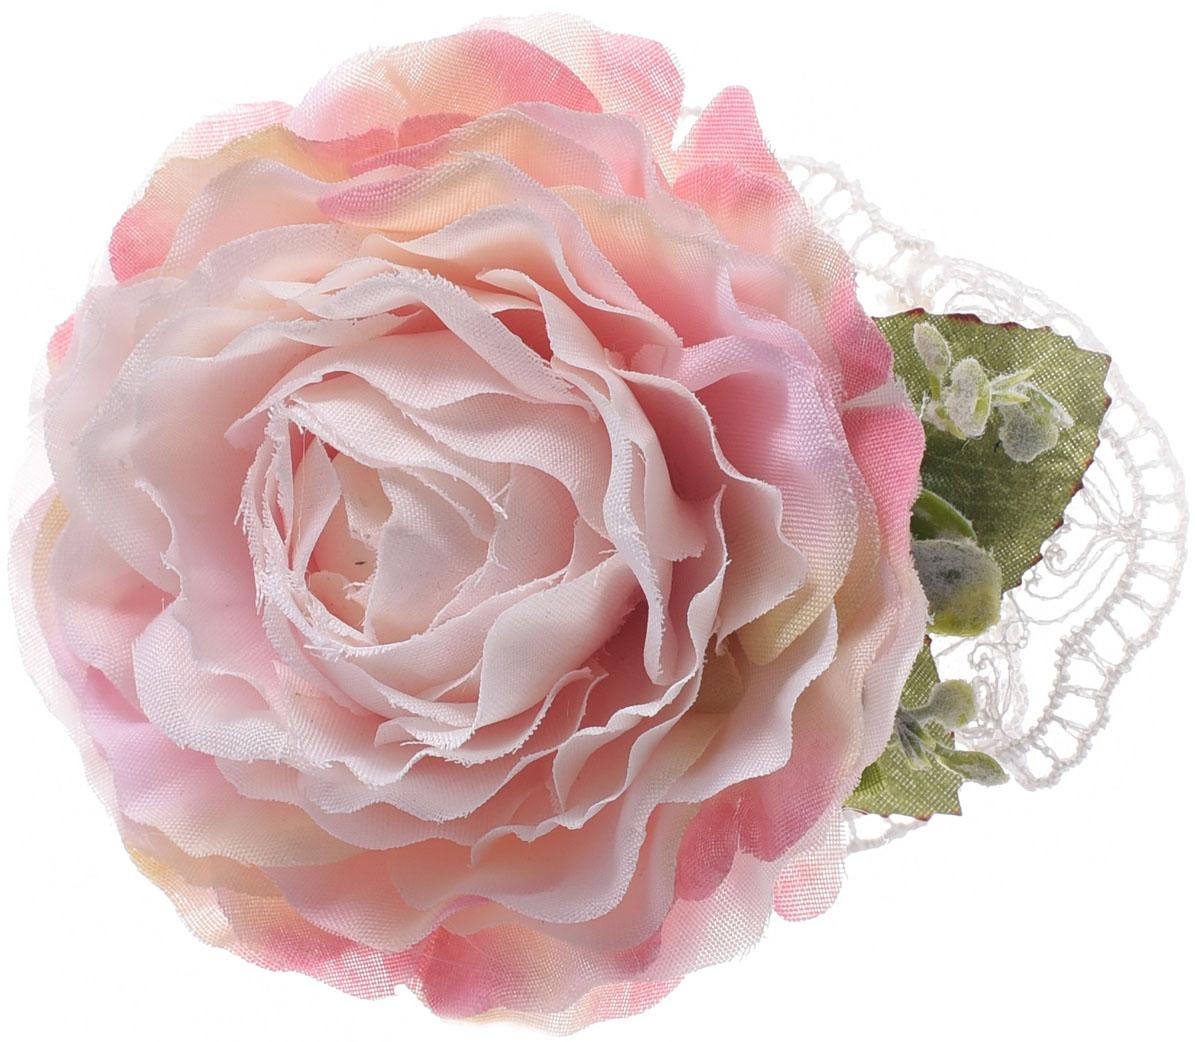 Заколка для волос Malina By Андерсен Флер, цвет: розовый. 11801тб10 заколка hairagami хеагами одинарная цвет черный розовый